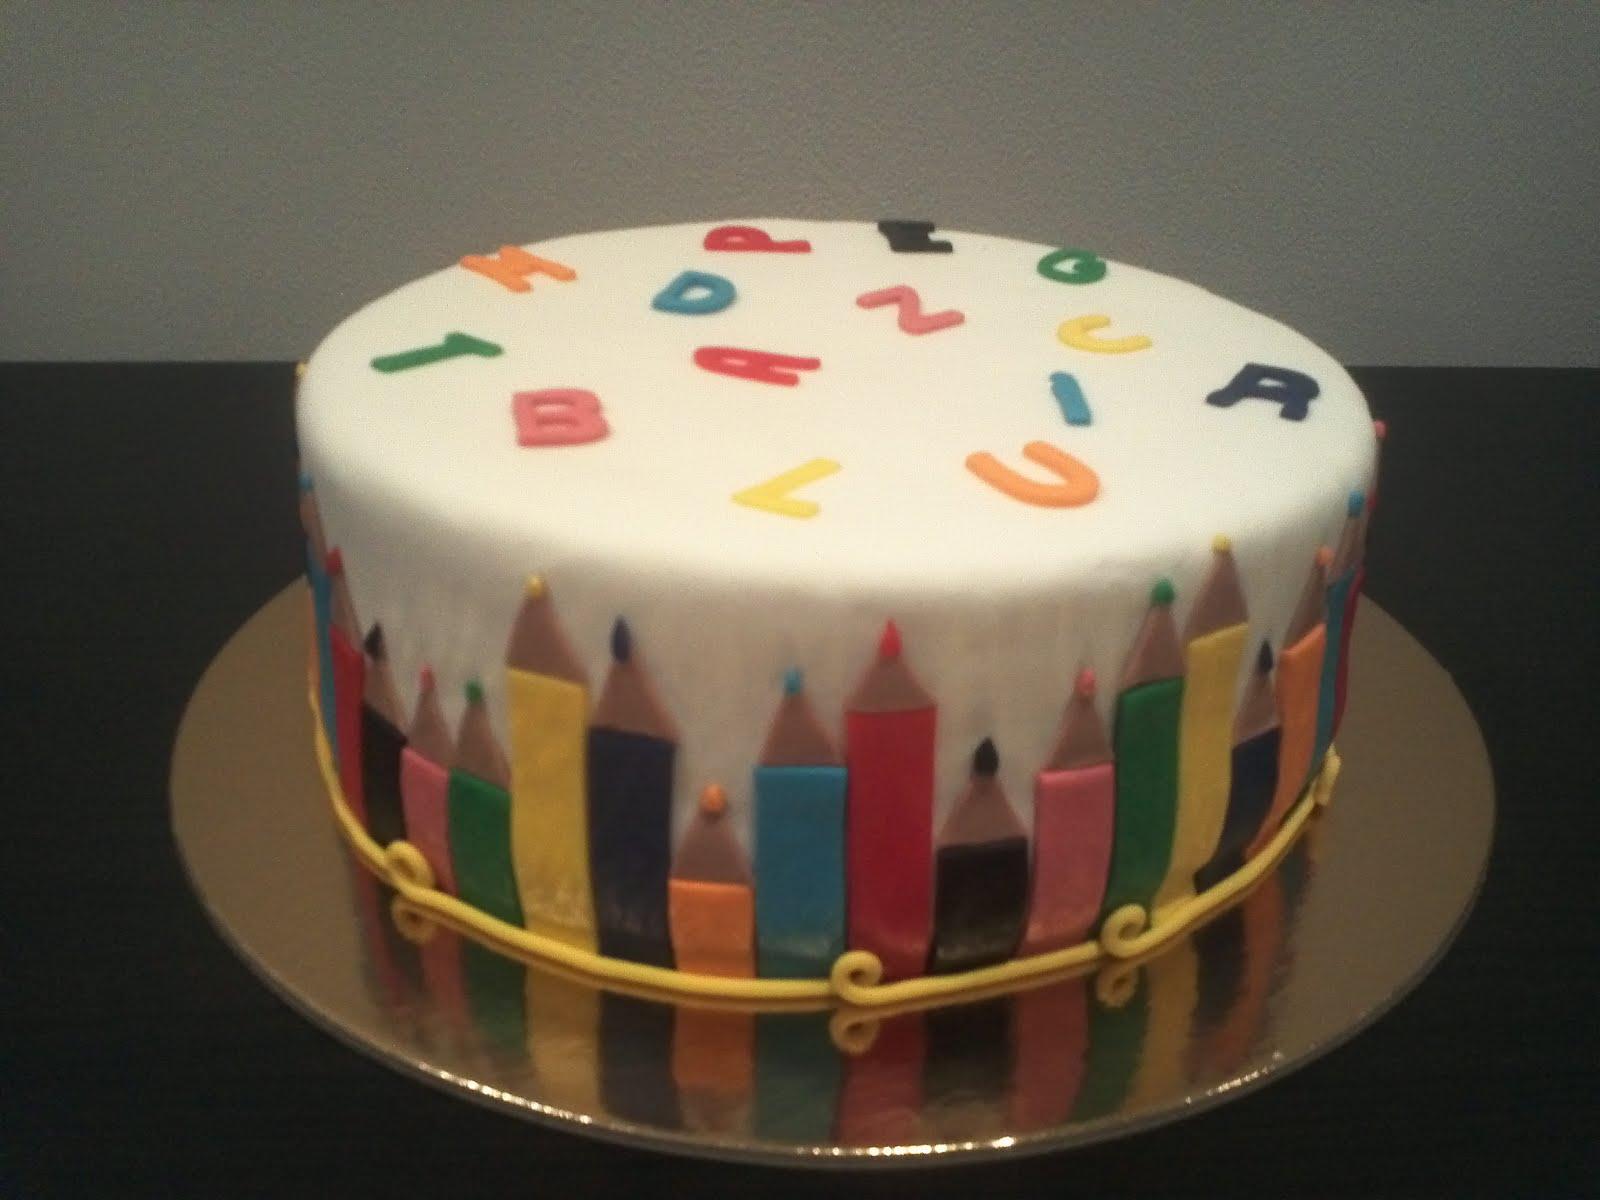 Escola Cake Design Lisboa : Bolinhos 3D: Bolo Escola